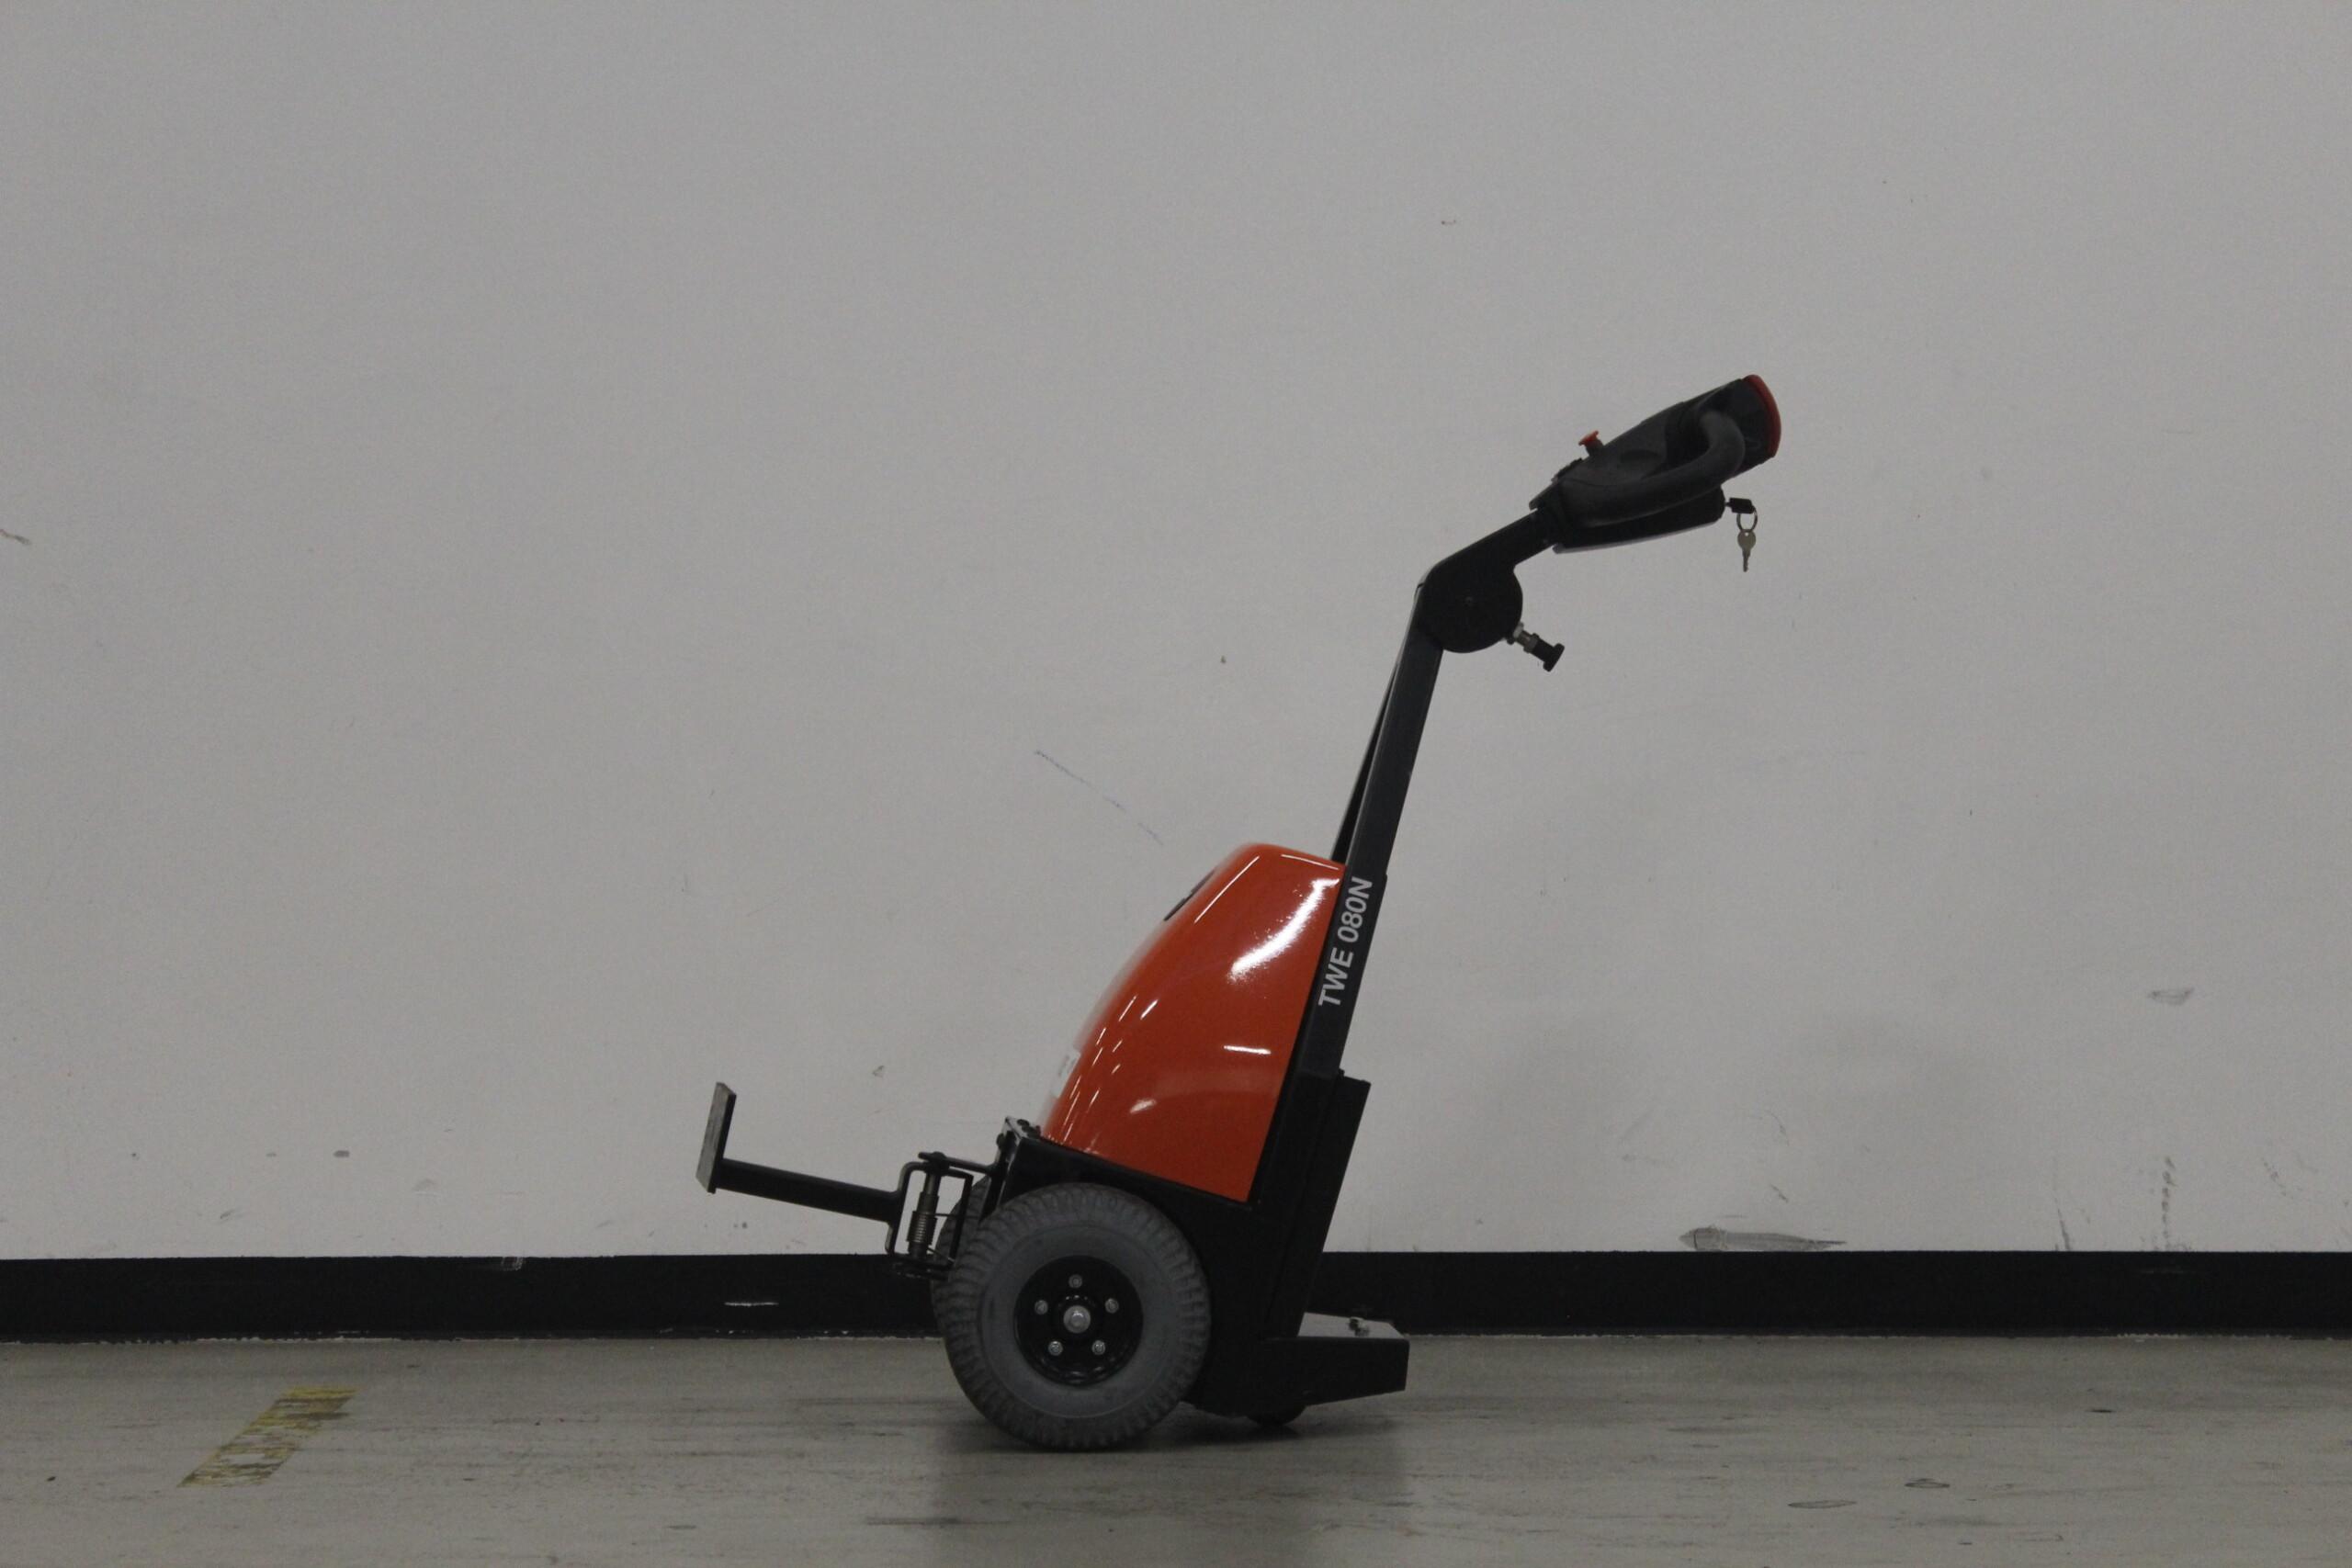 Toyota-Gabelstapler-59840 1707027001 1 61 scaled